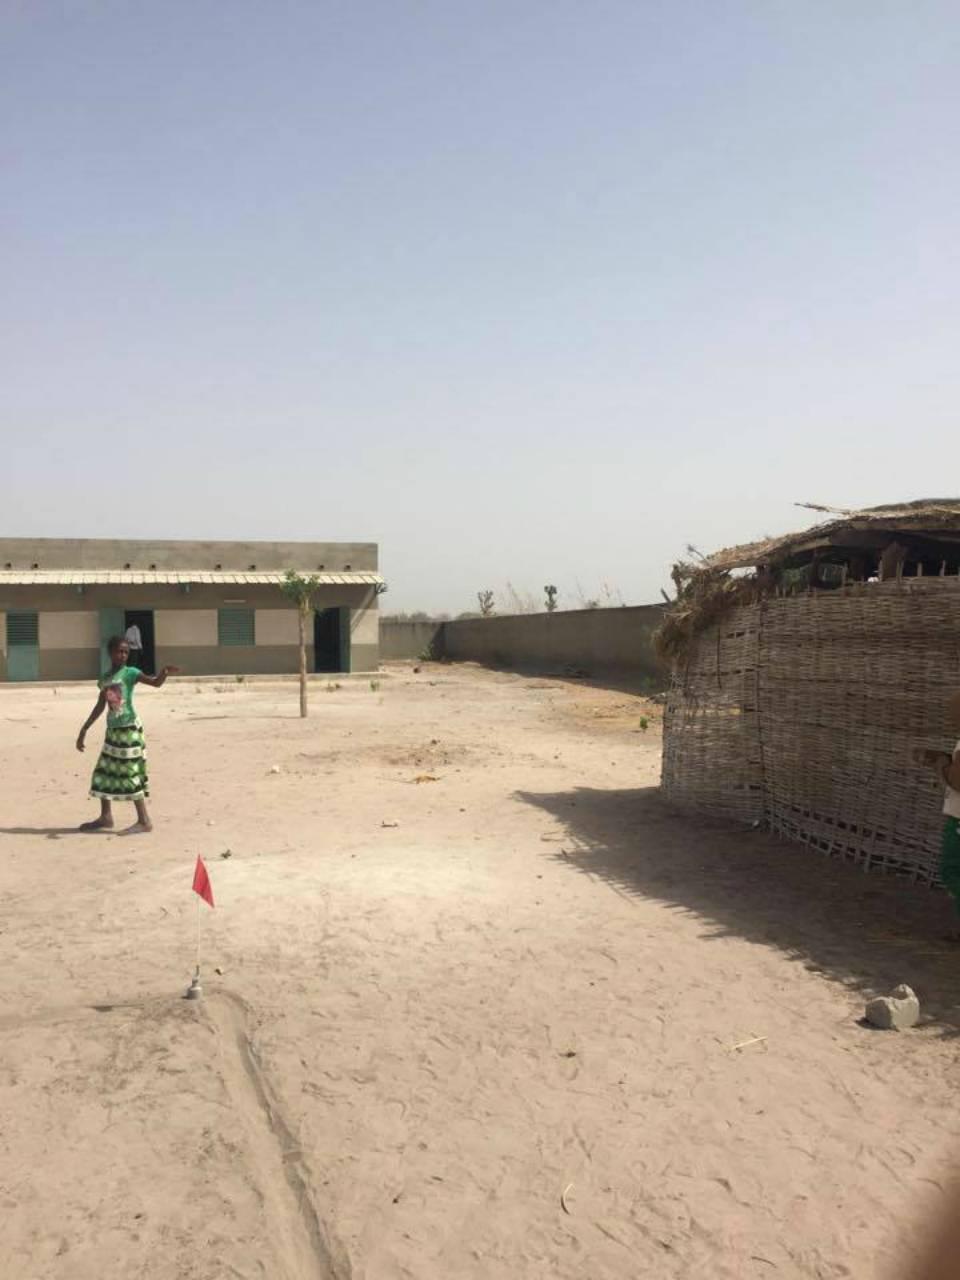 School Well Project - Senegal